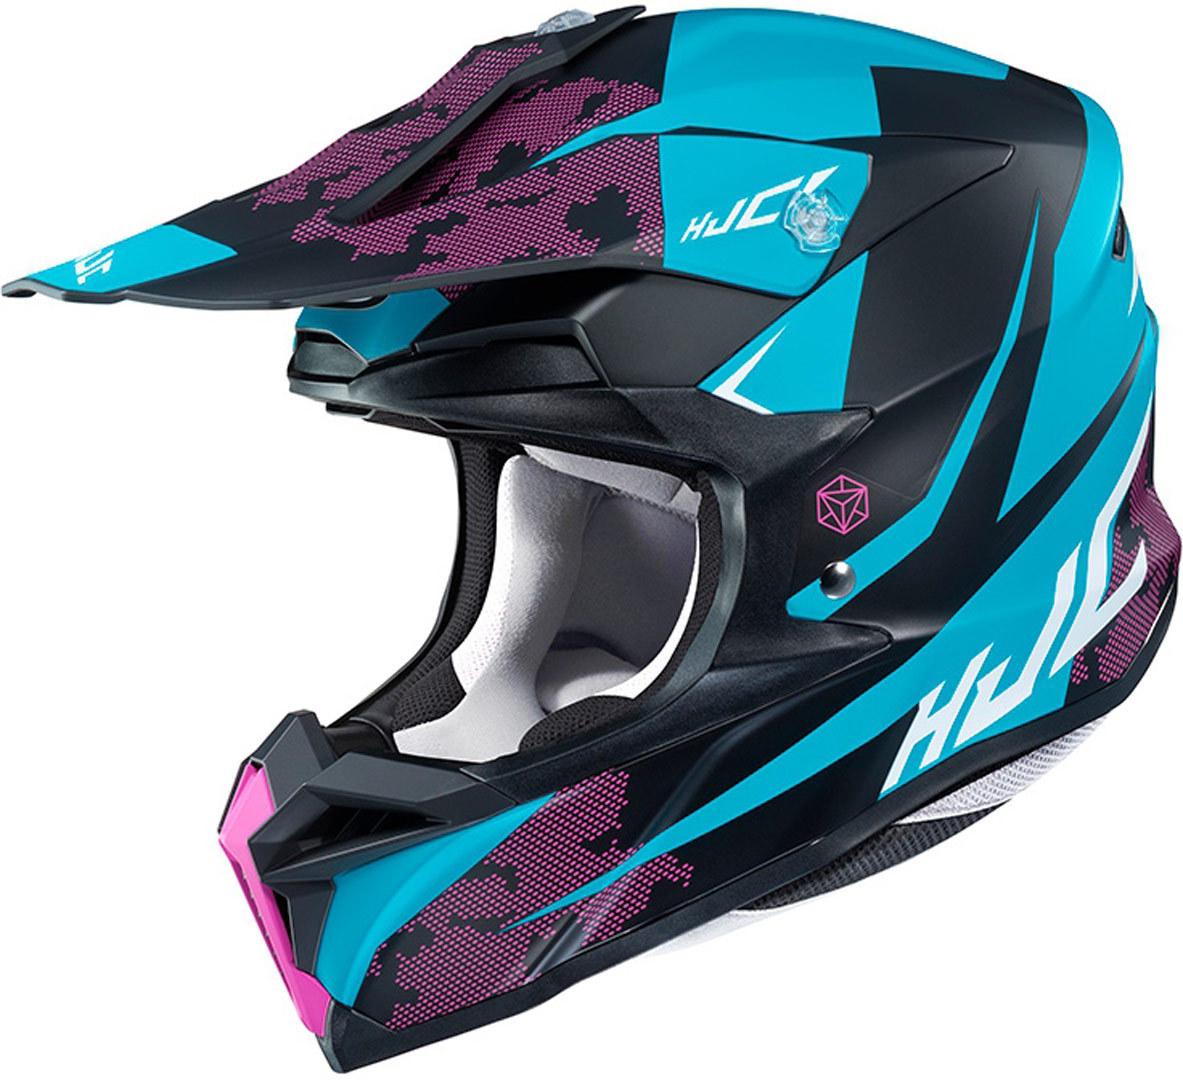 HJC i50 Tona Motocross Helm, schwarz-blau, Größe M, schwarz-blau, Größe M